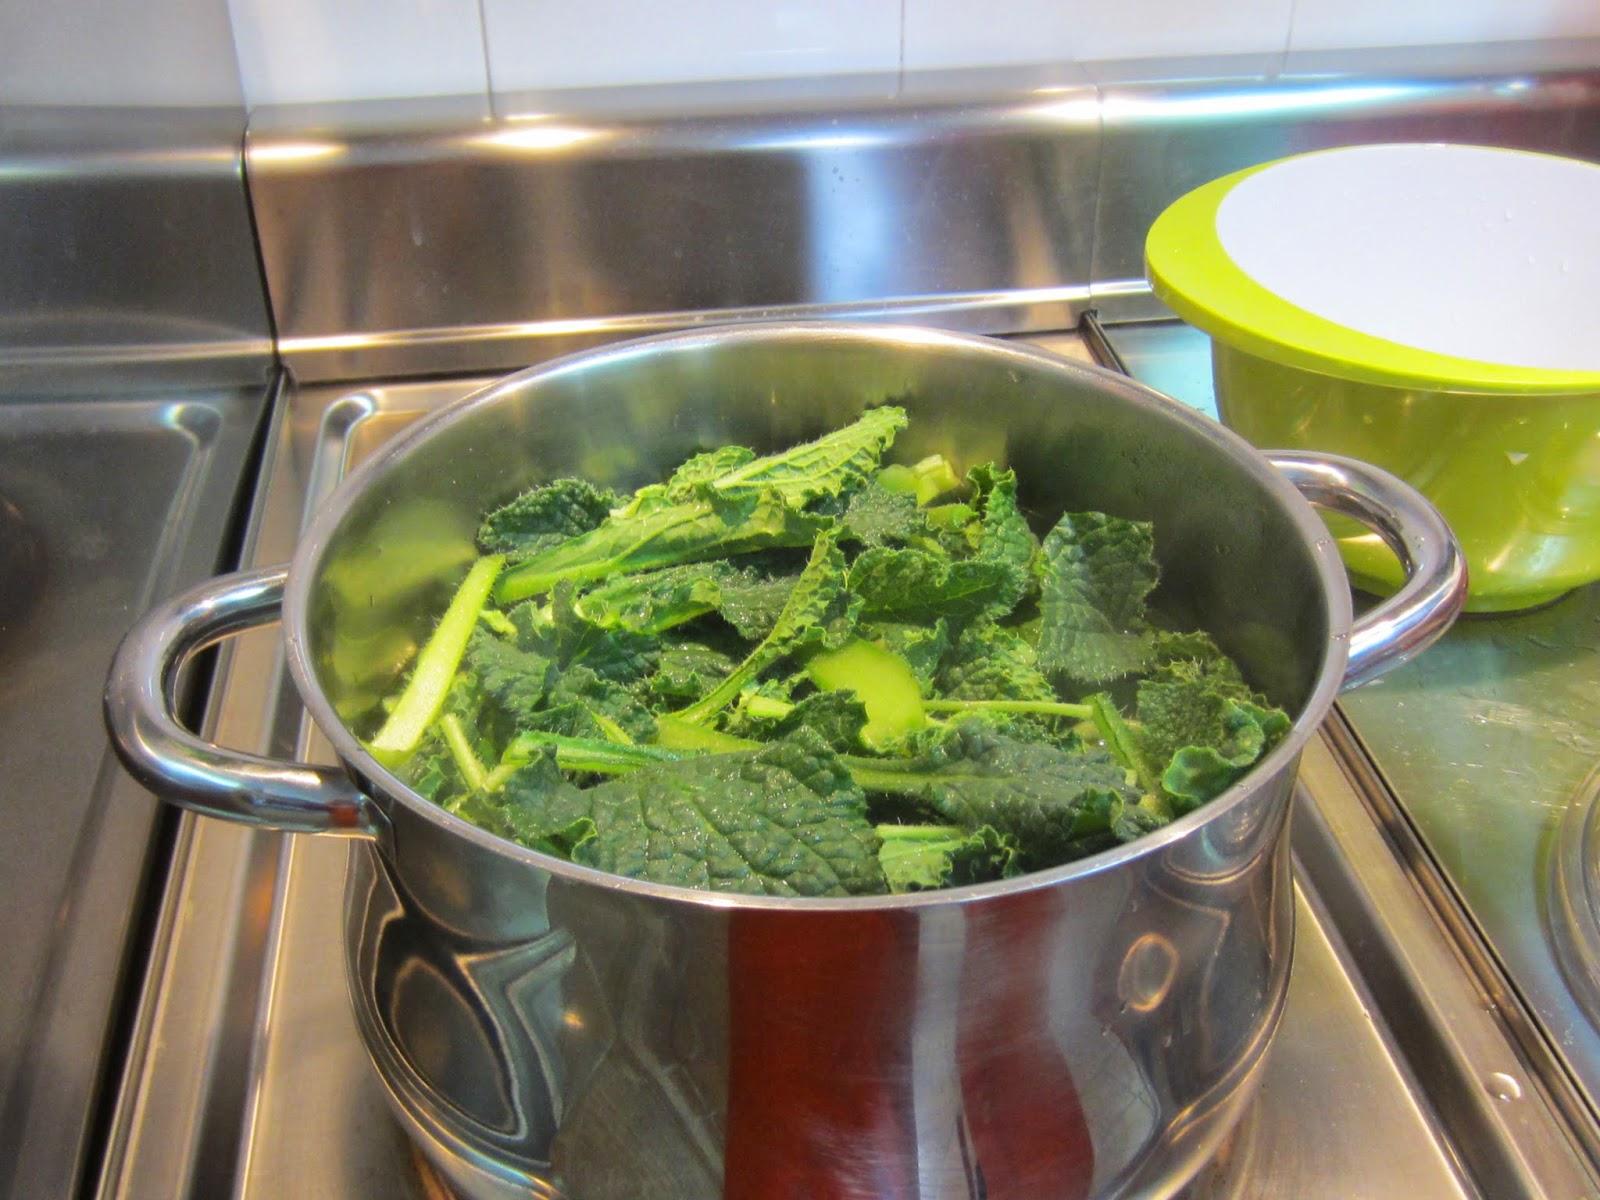 Escuela jardineria zaragoza colecci n de fotos - Escuela de cocina zaragoza ...